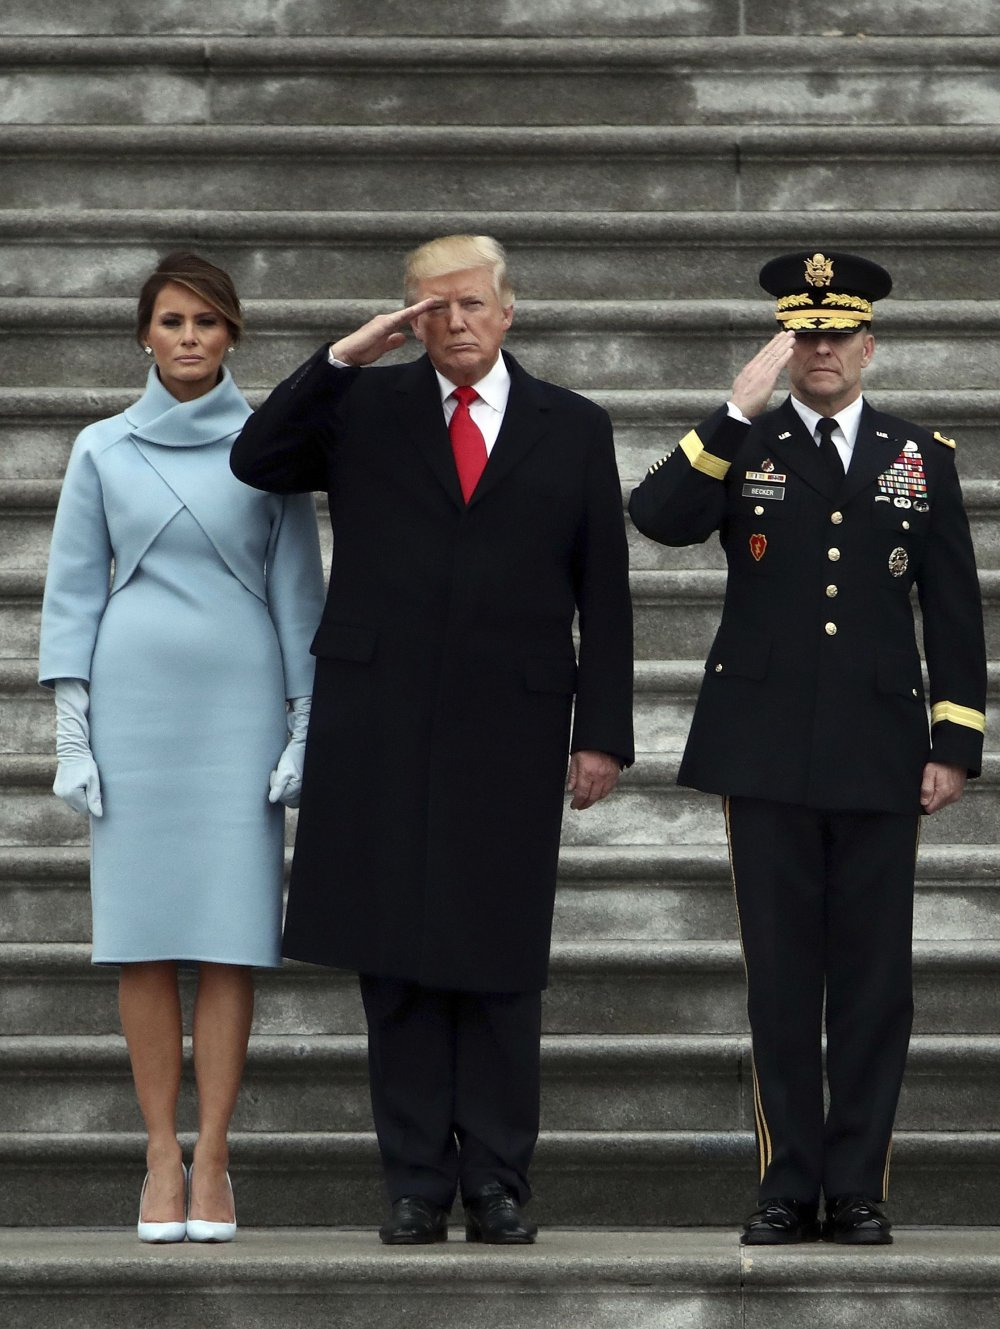 Немного приуныла: пользователи высмеяли грустную Меланию Трамп на инаугурации мужа